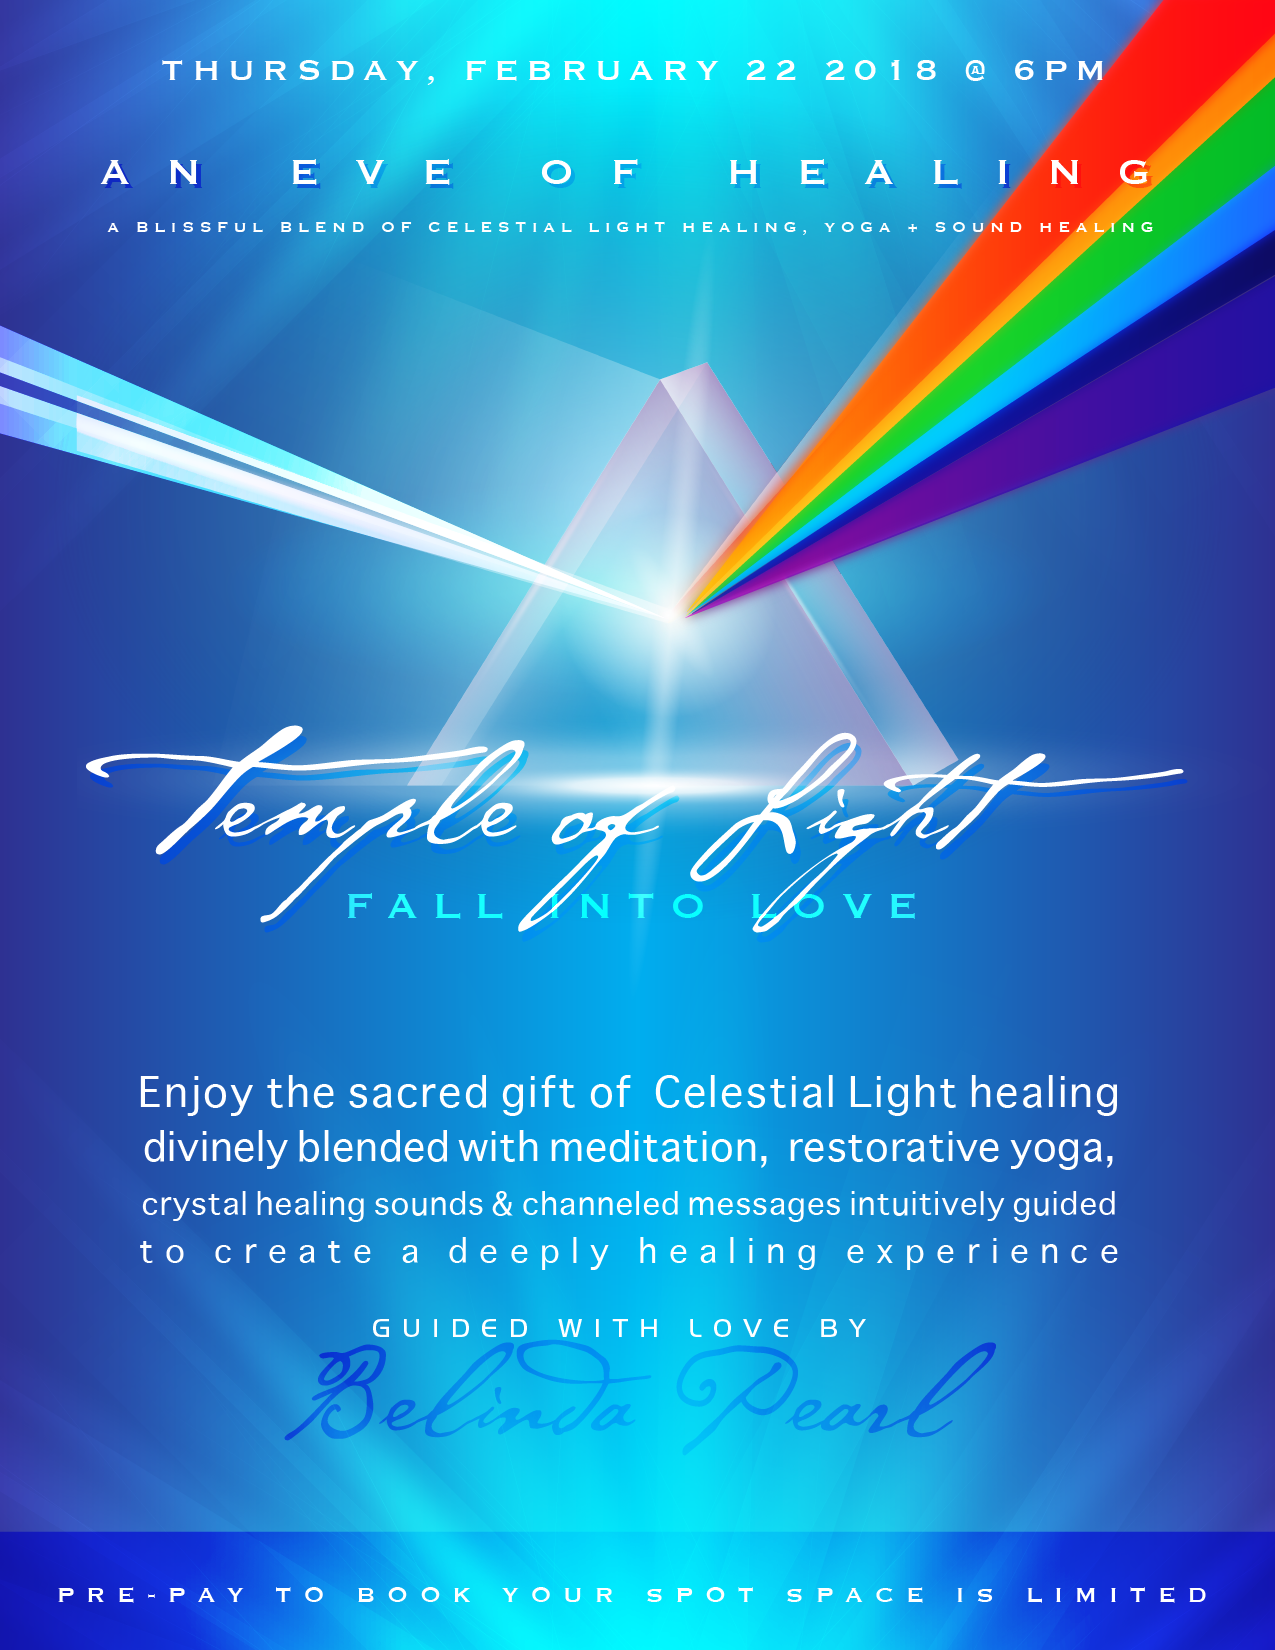 Temple of Light - An Evening of Healing